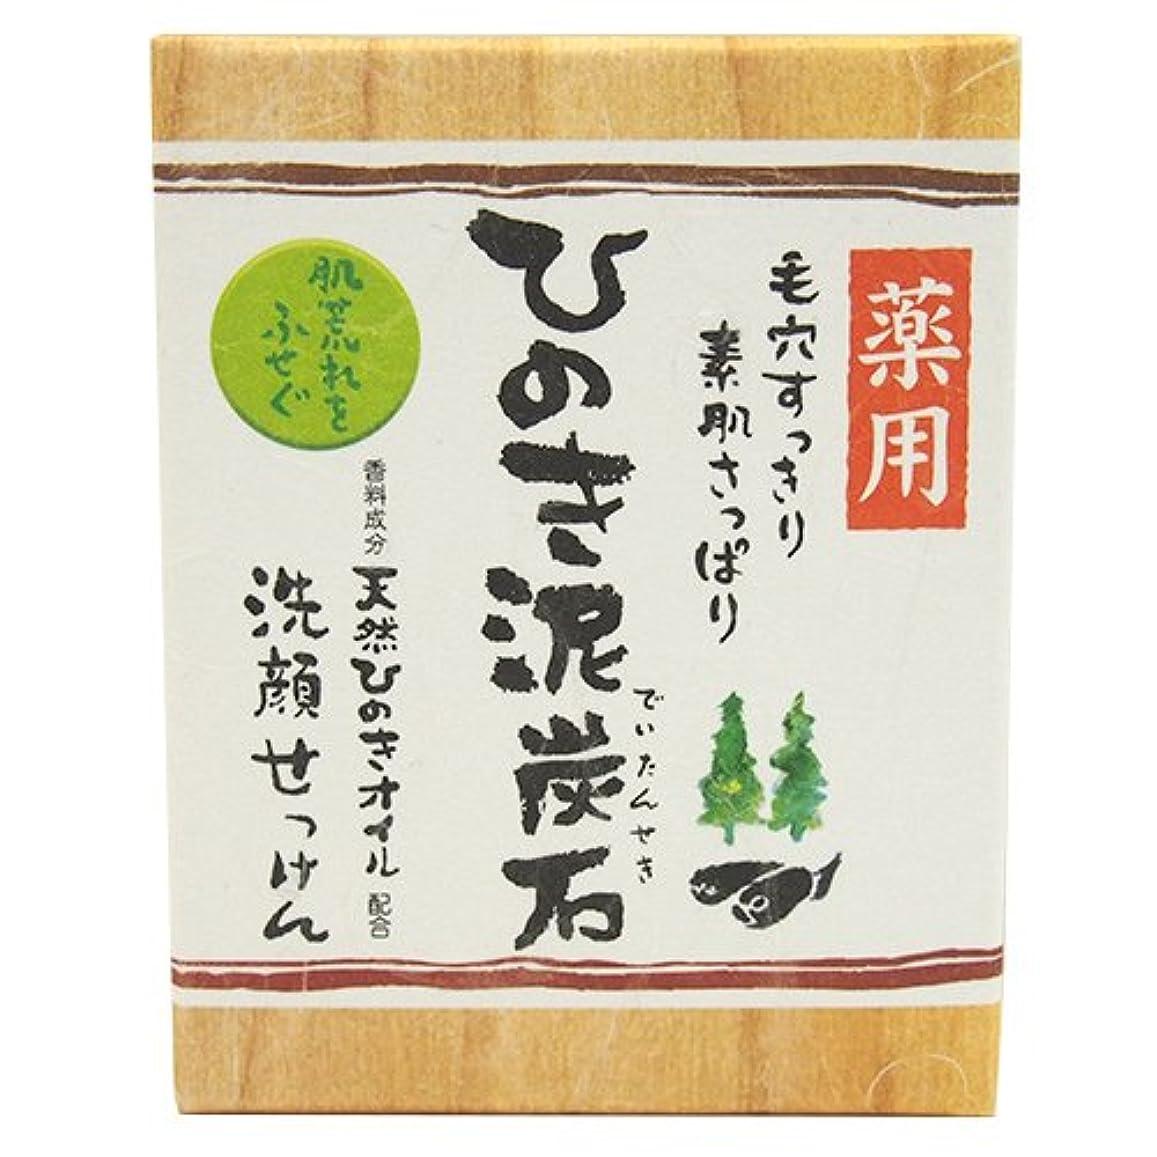 フランクワースリーゴルフペンフレンド東京宝 薬用ひのき泥炭石 すっきり黒タイプ 洗顔石鹸 75g